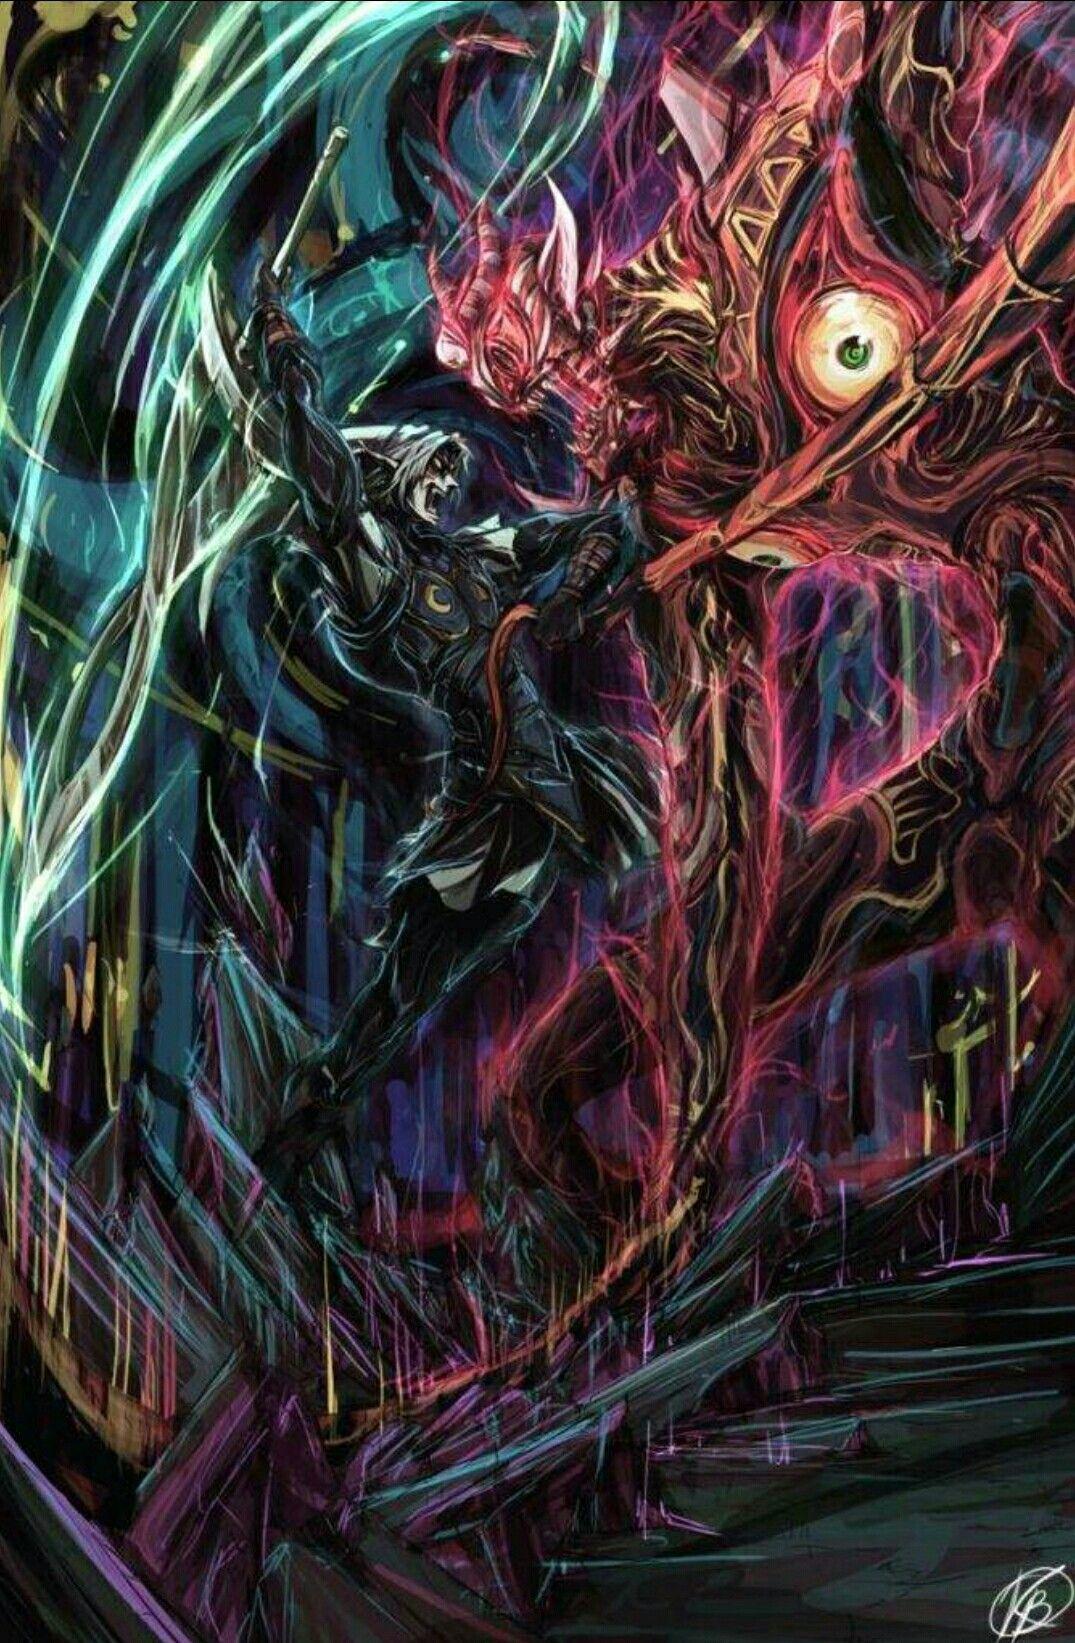 Fiera deidad vs mago de majora | Nintendo | Pinterest | Deidades ...